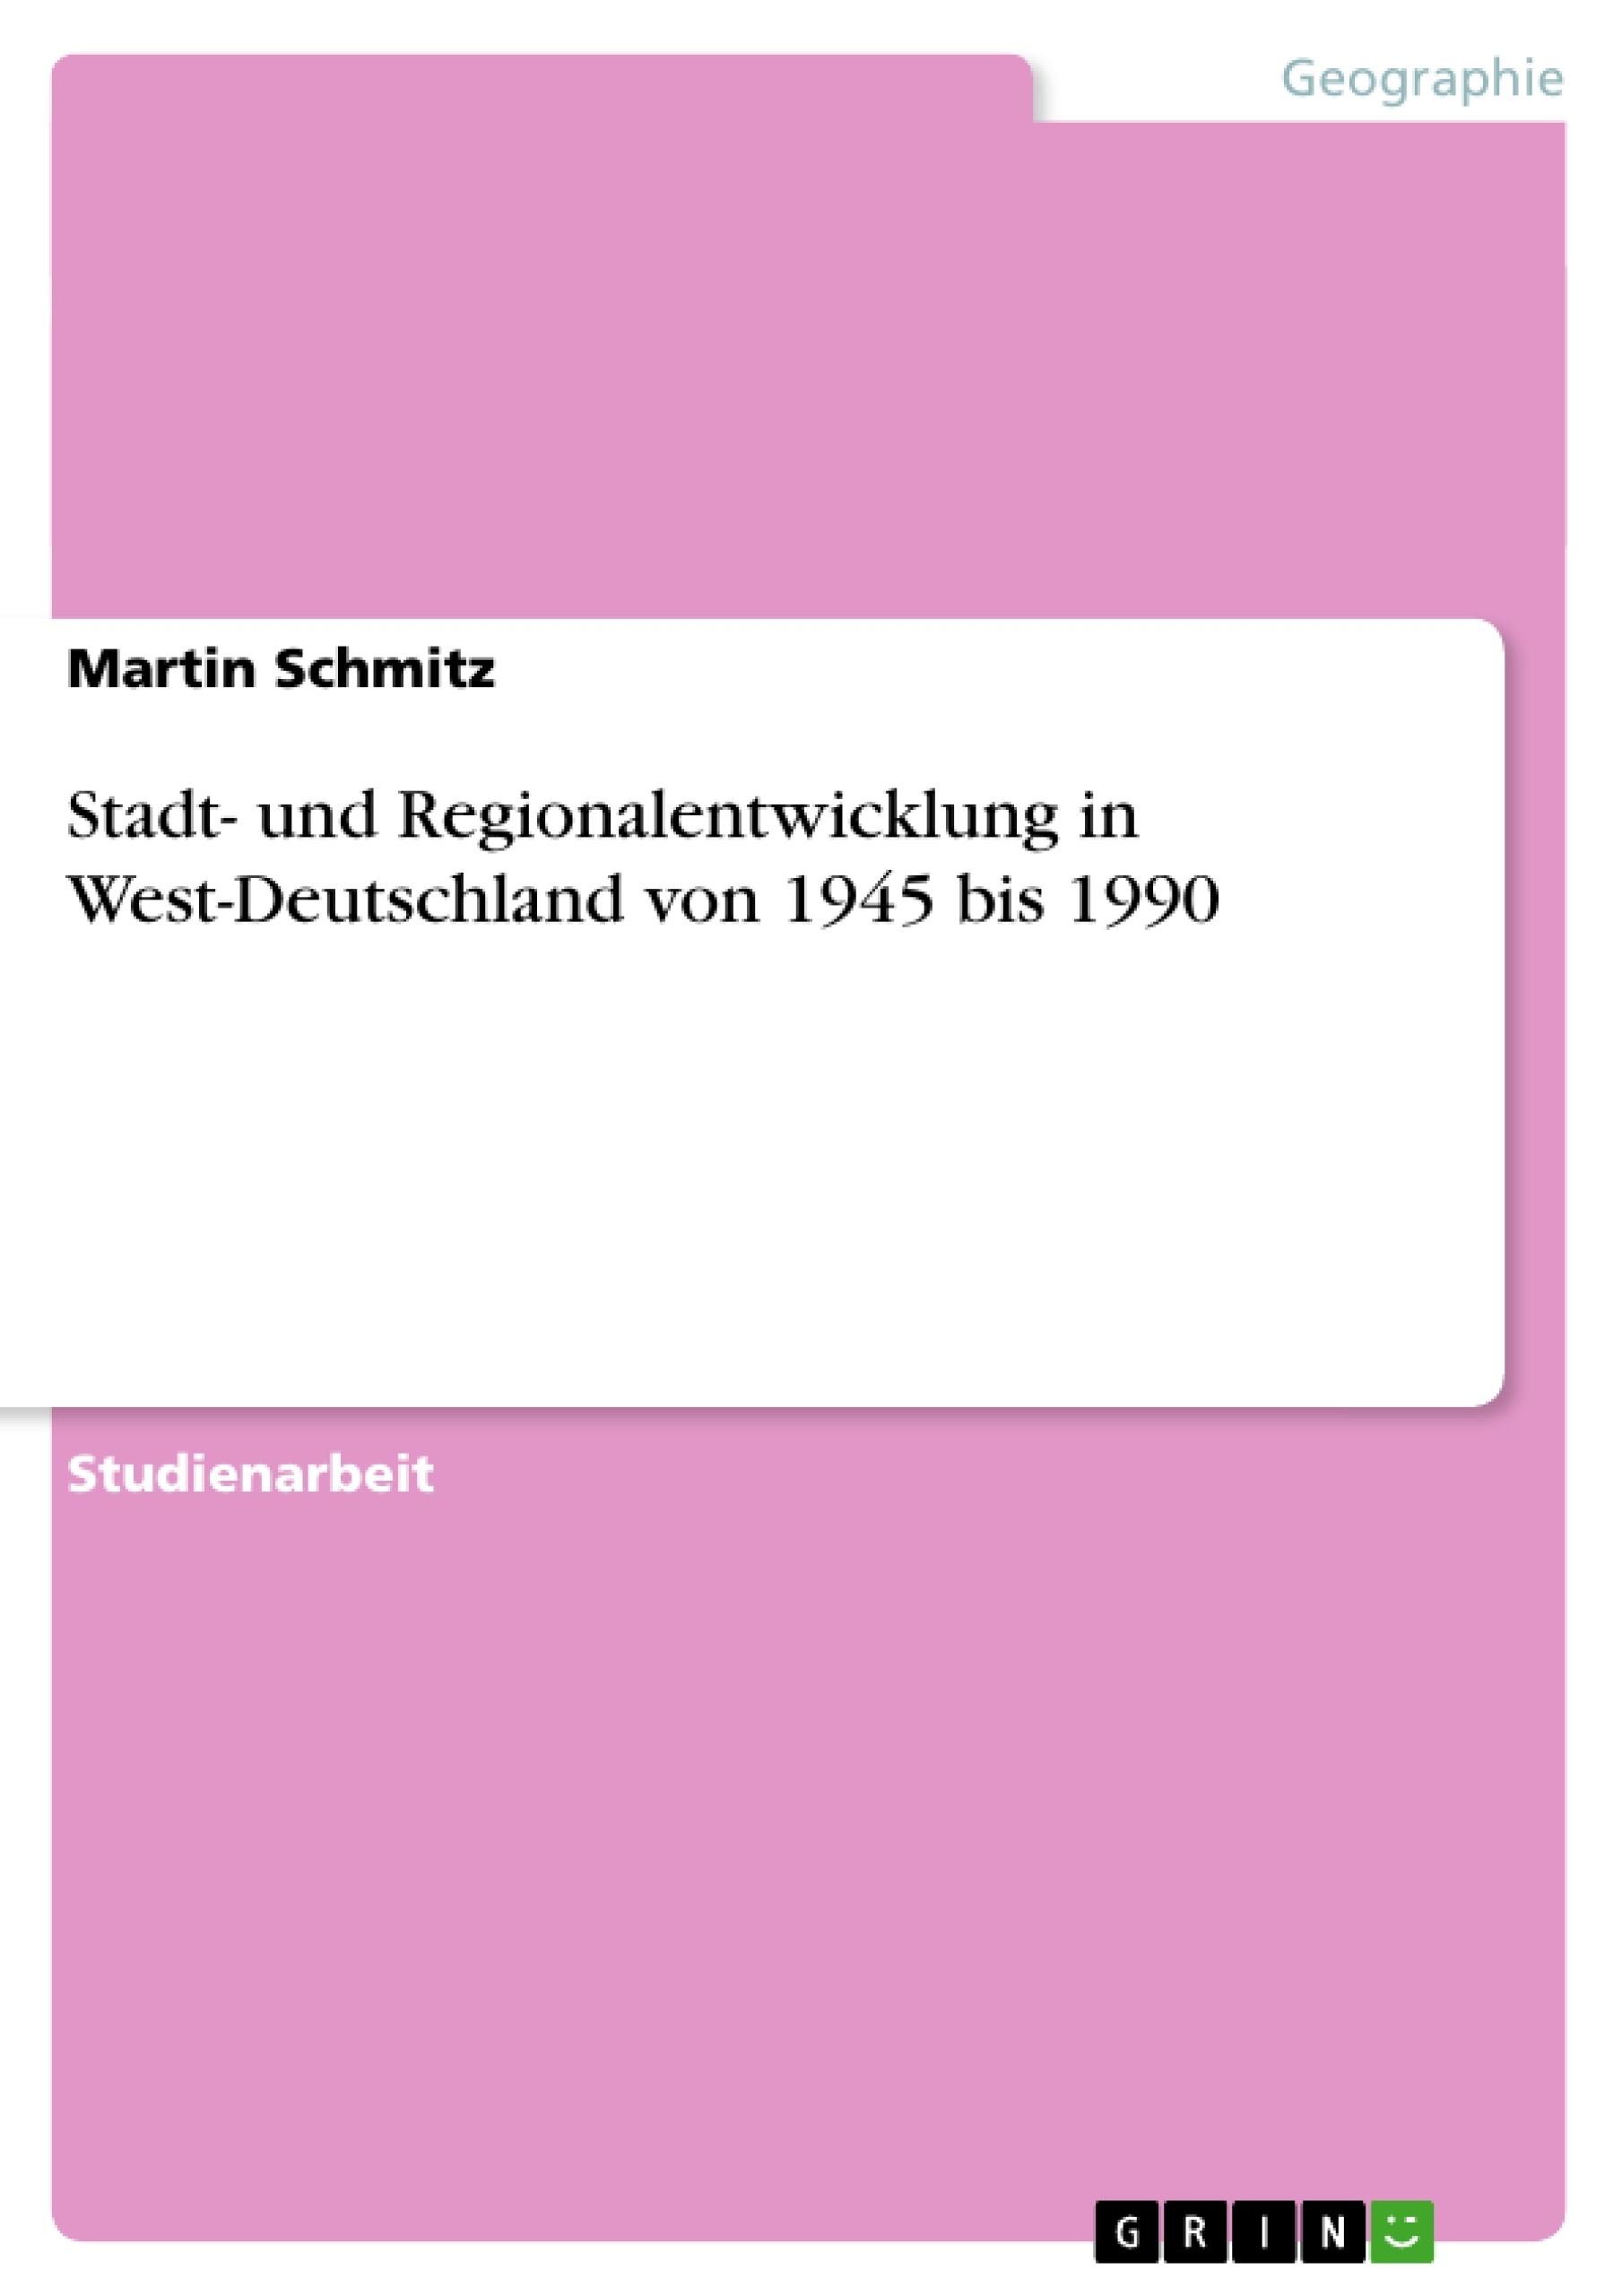 Titel: Stadt- und Regionalentwicklung in West-Deutschland von 1945 bis 1990